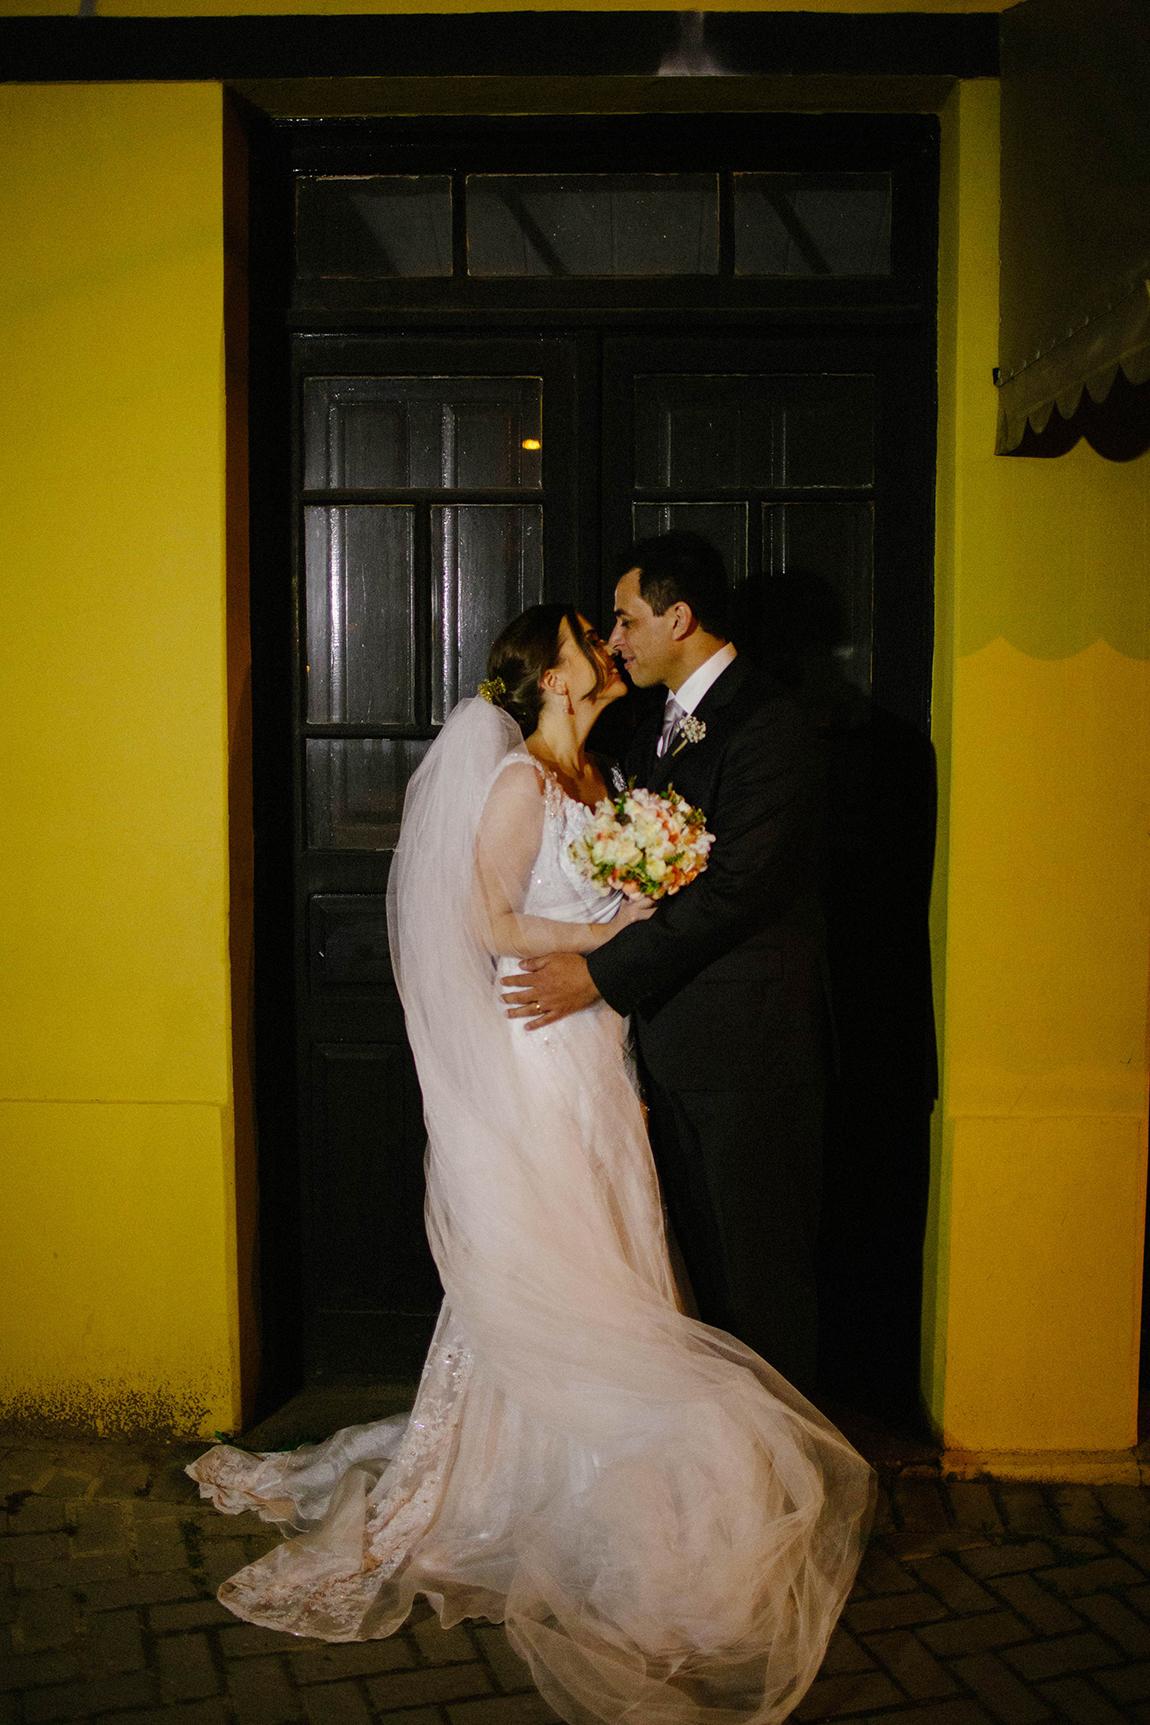 mariana-alves-fotografia-casamento-tais-fabricio-curitiba- (96)